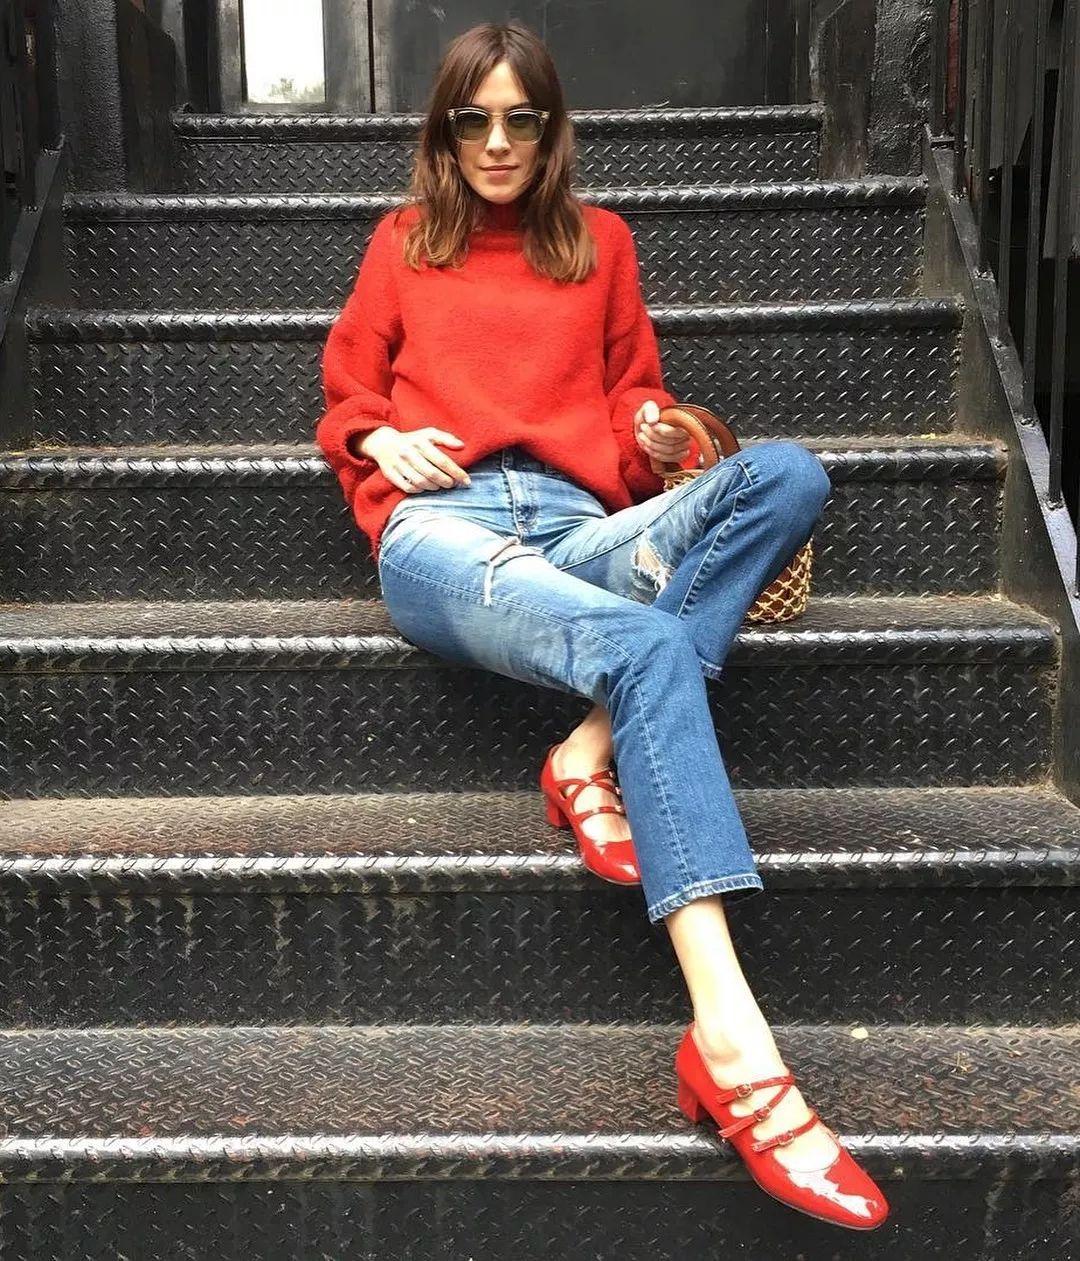 Đừng mãi quanh quẩn với giày đen/trắng nữa, giày đỏ mới thực sự giúp nâng tầm style và khiến bạn trông sang như gái Pháp - Ảnh 6.